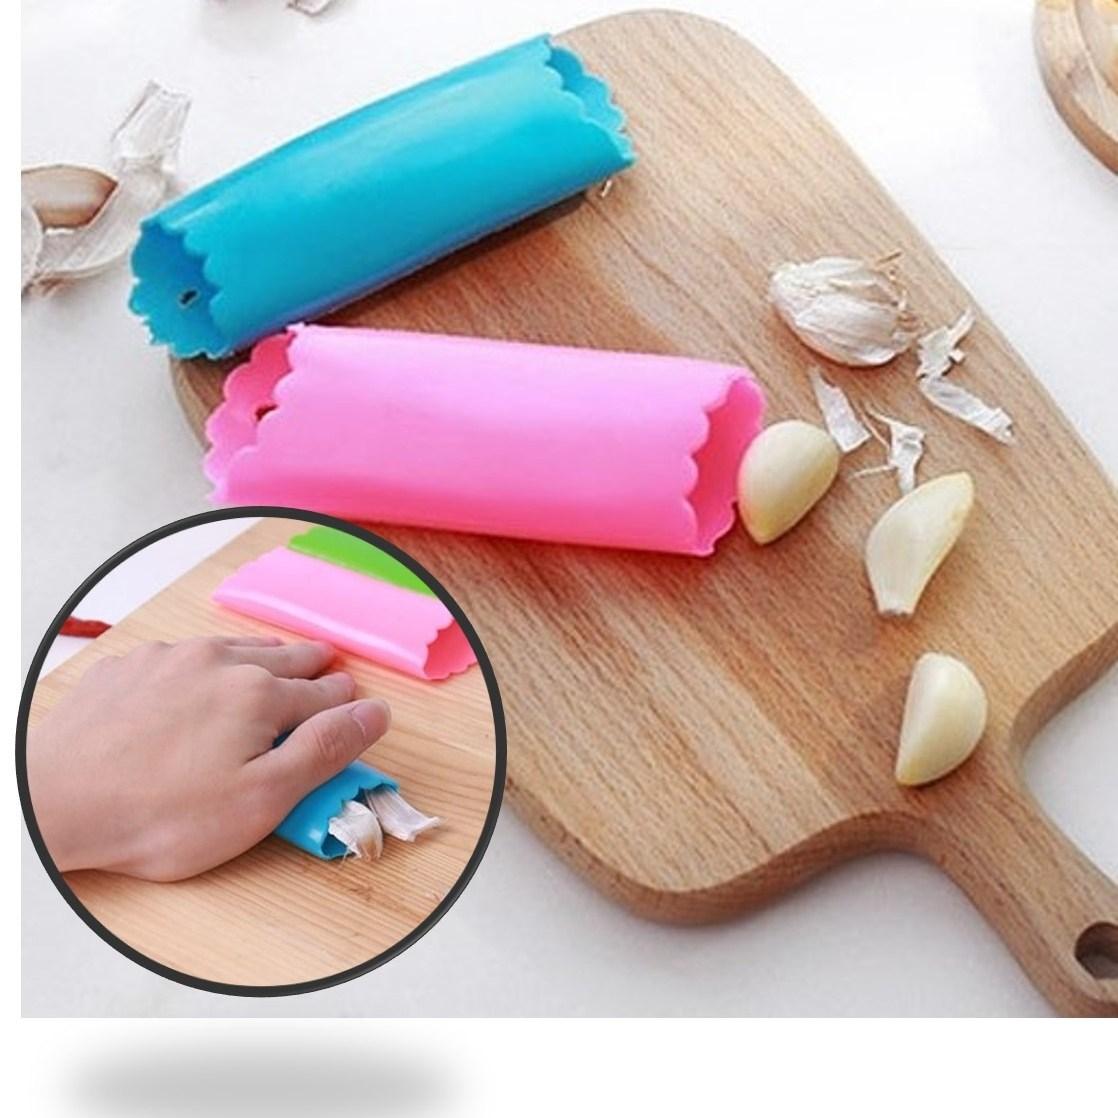 아임홈인 마늘 까는 기계 탈피기 깐 쪽분리기 선별기 껍질 도구 기구 제거, 핑크